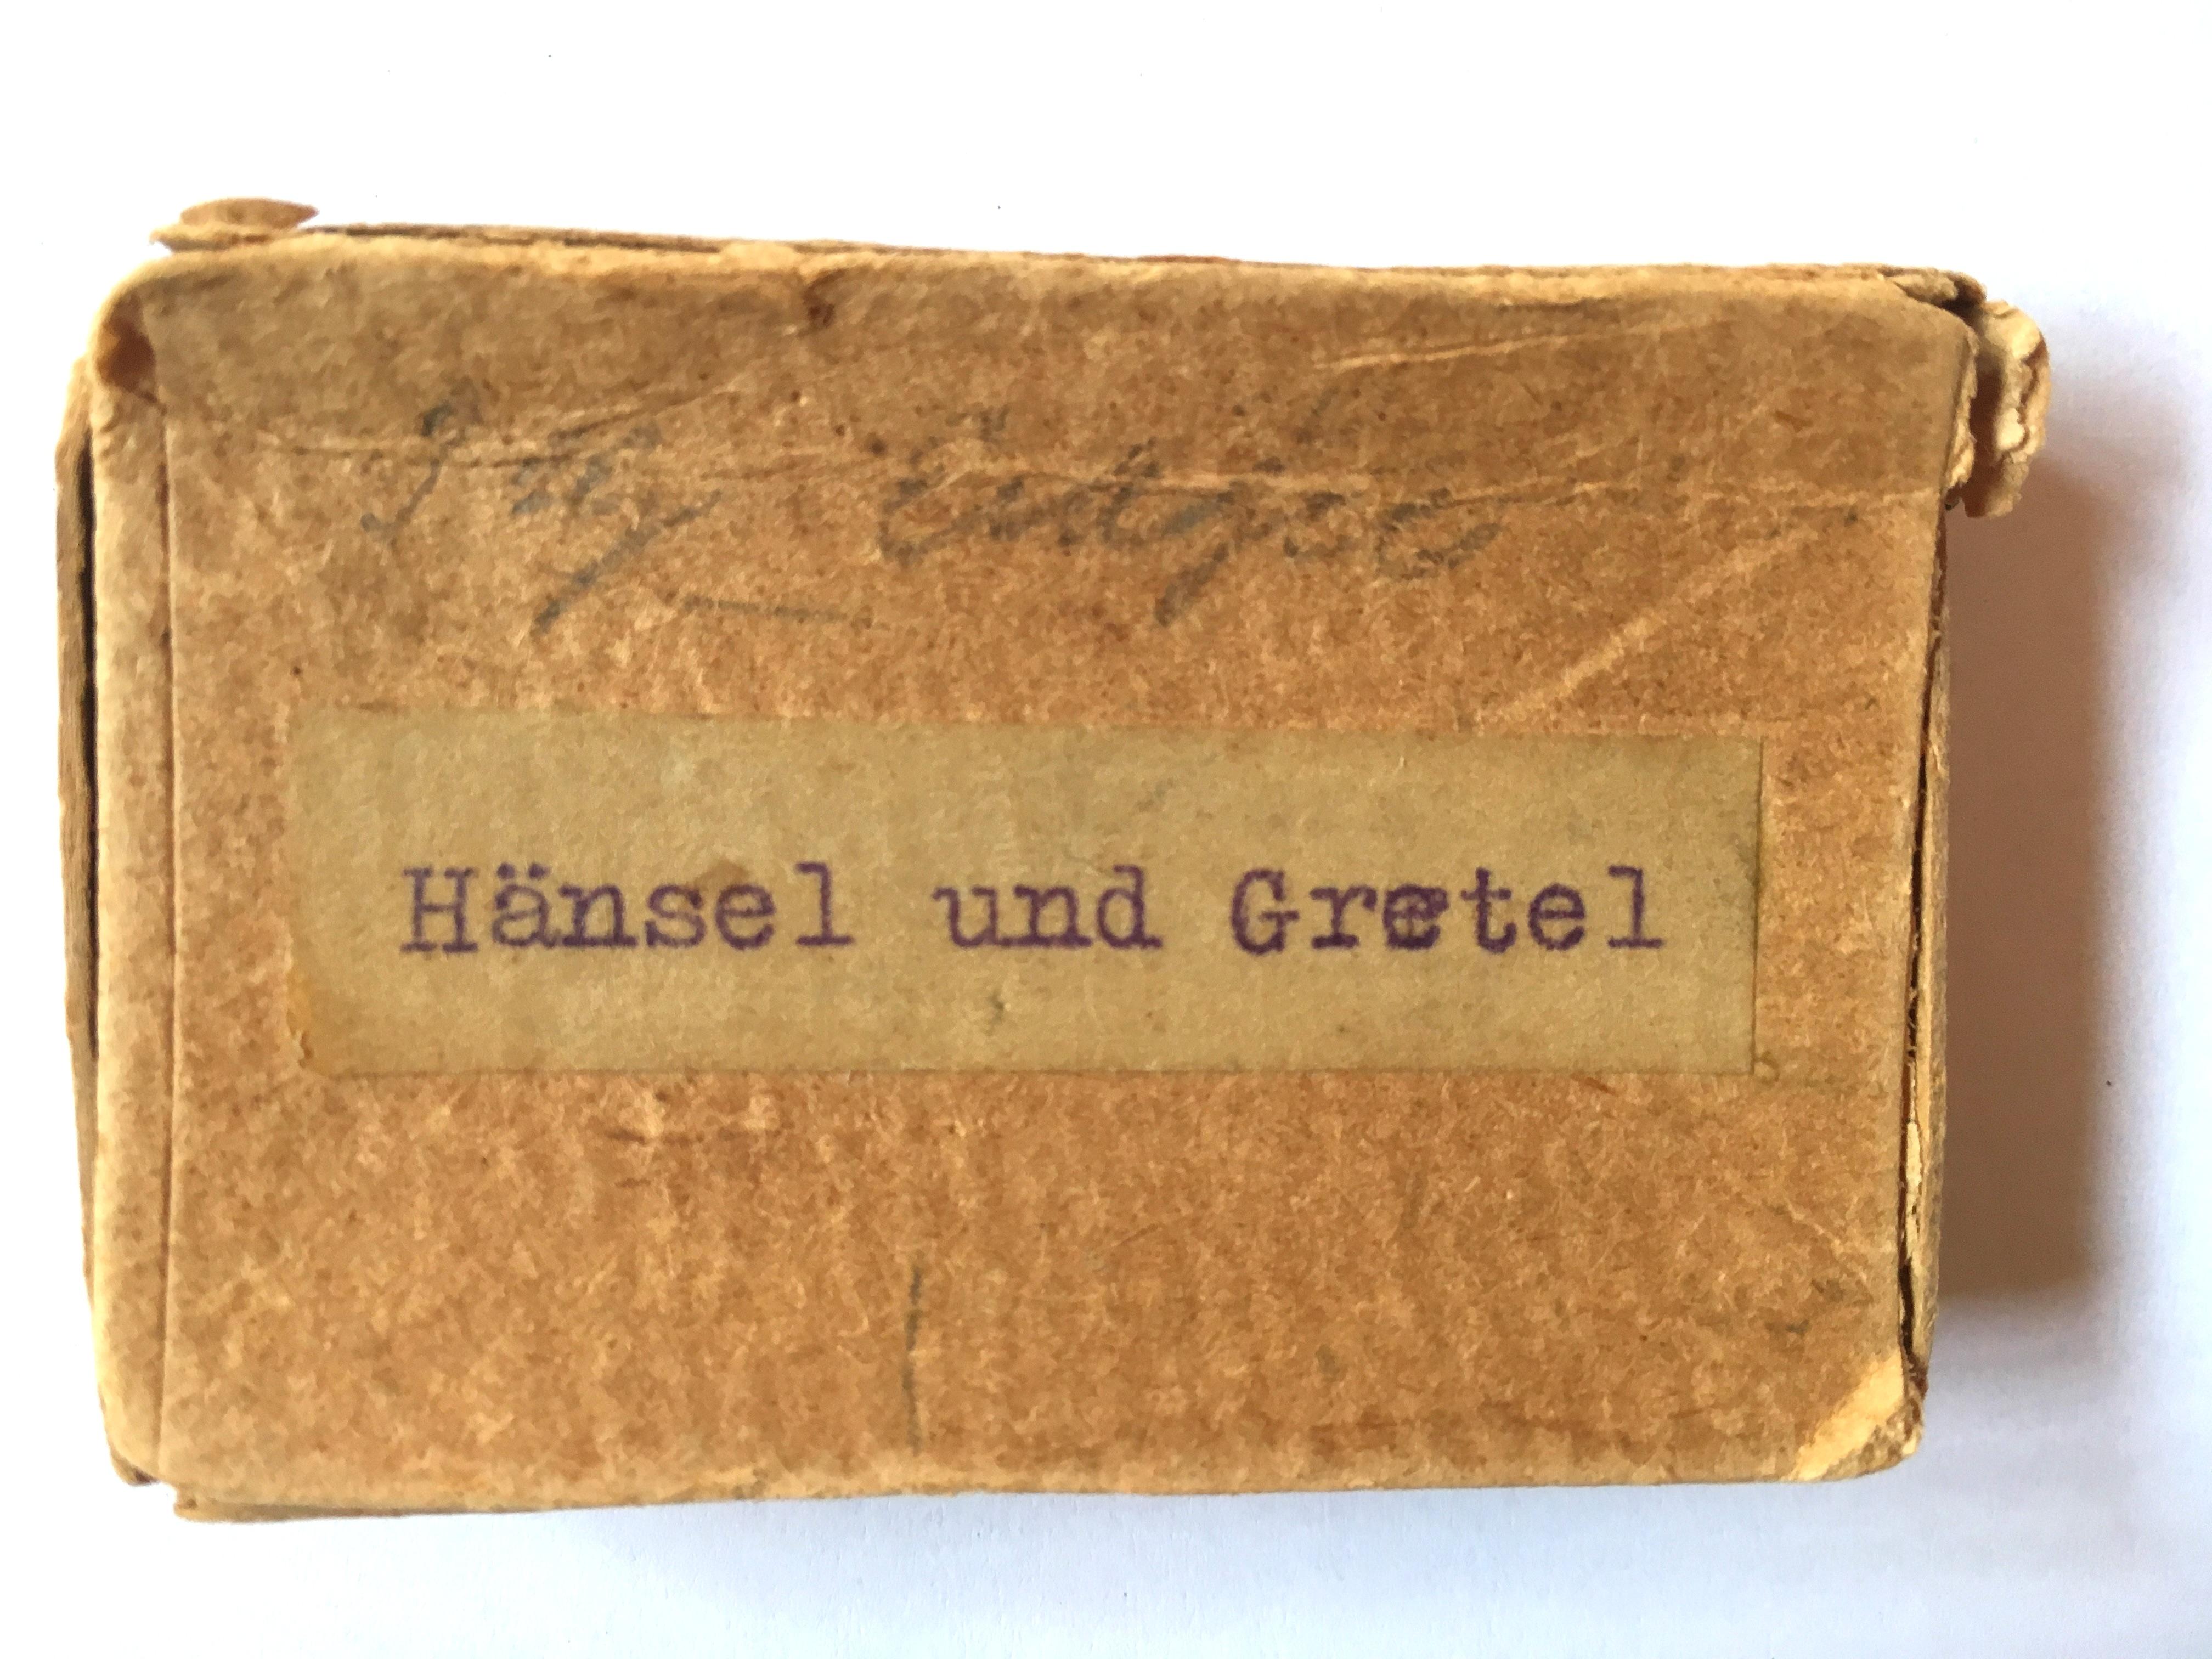 hansel_und_gretel_box.JPG